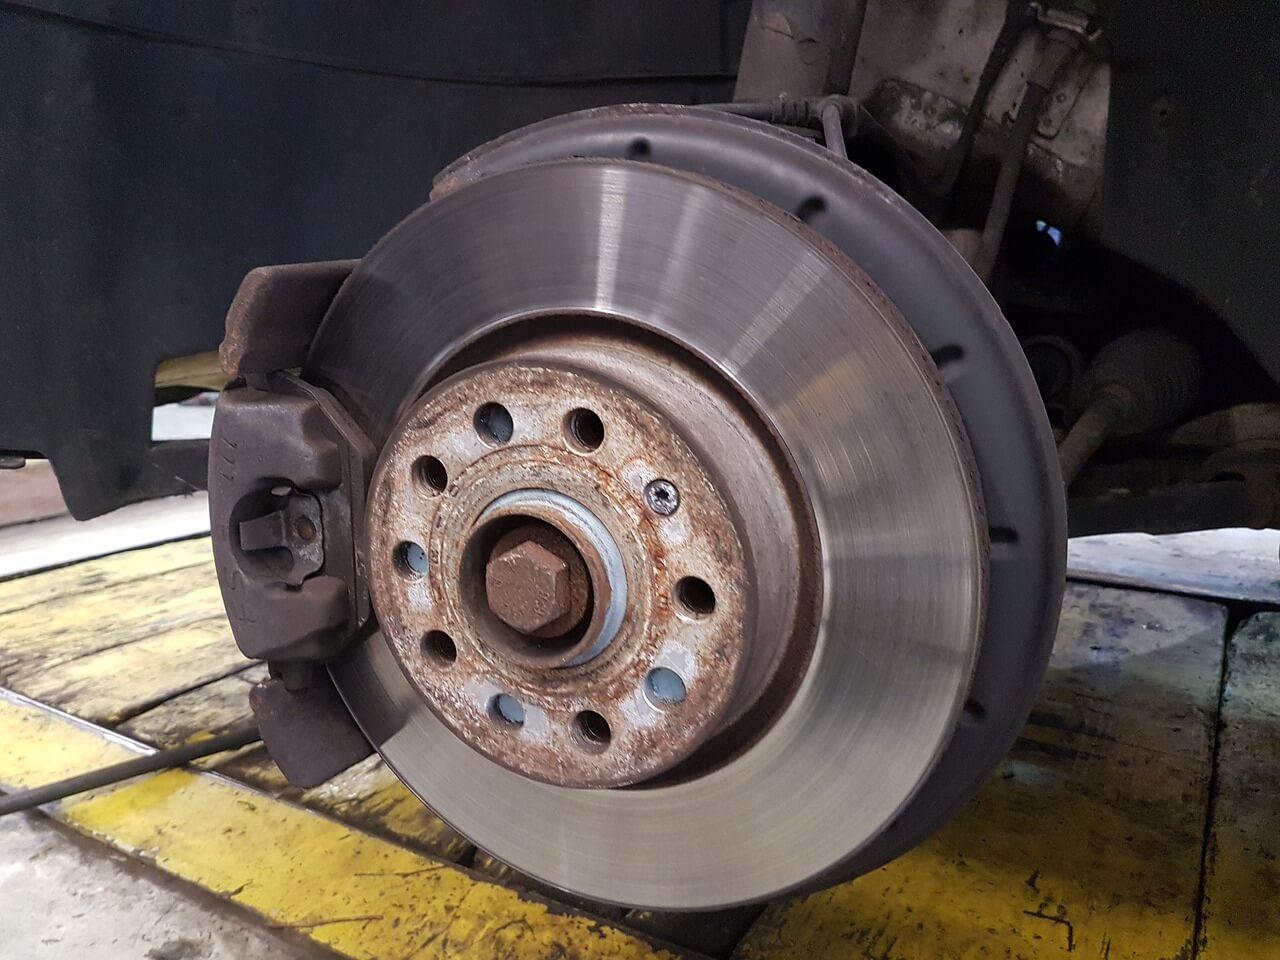 manutenção preventiva - manutenção de freios